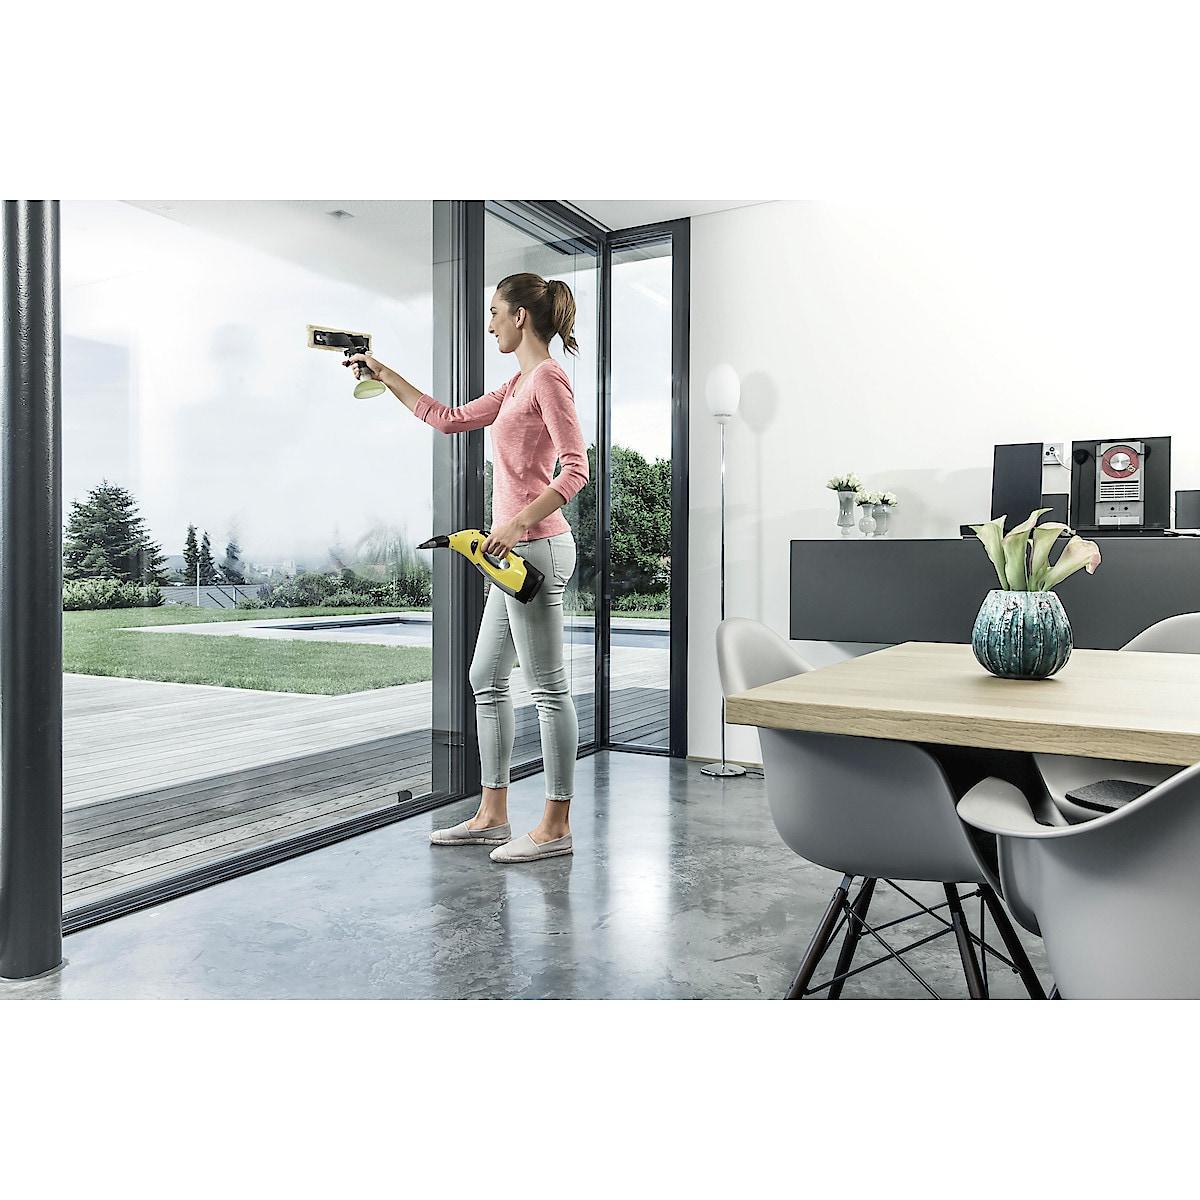 Fönstertvätt Kärcher WV 5 Premium